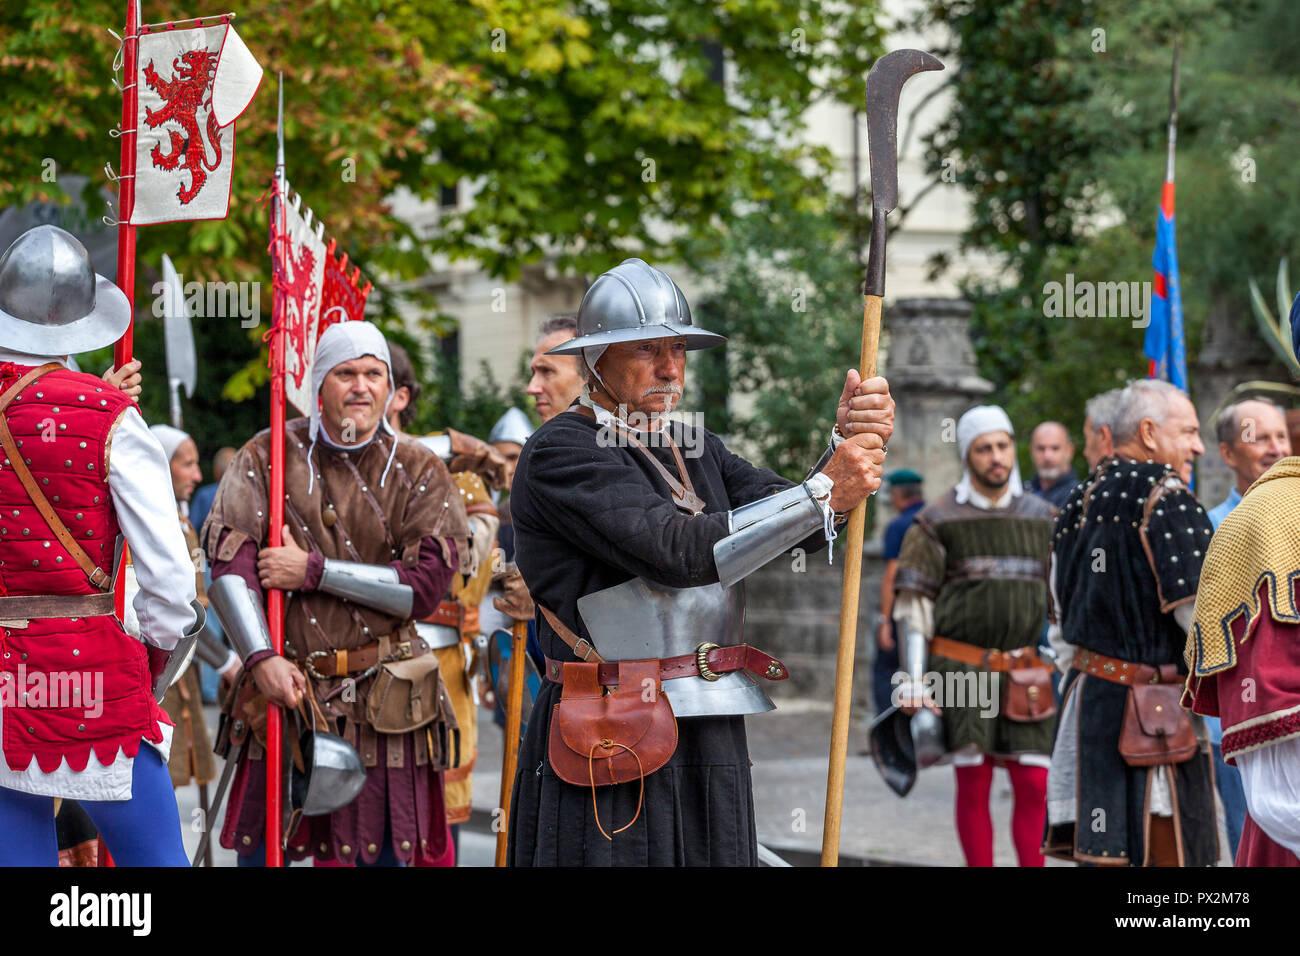 VITTORIO VENETO, Italia - 23 settembre 2018: rievocazione storica con persone vestite come soldati della Serenissima Repubblica di Venezia Foto Stock